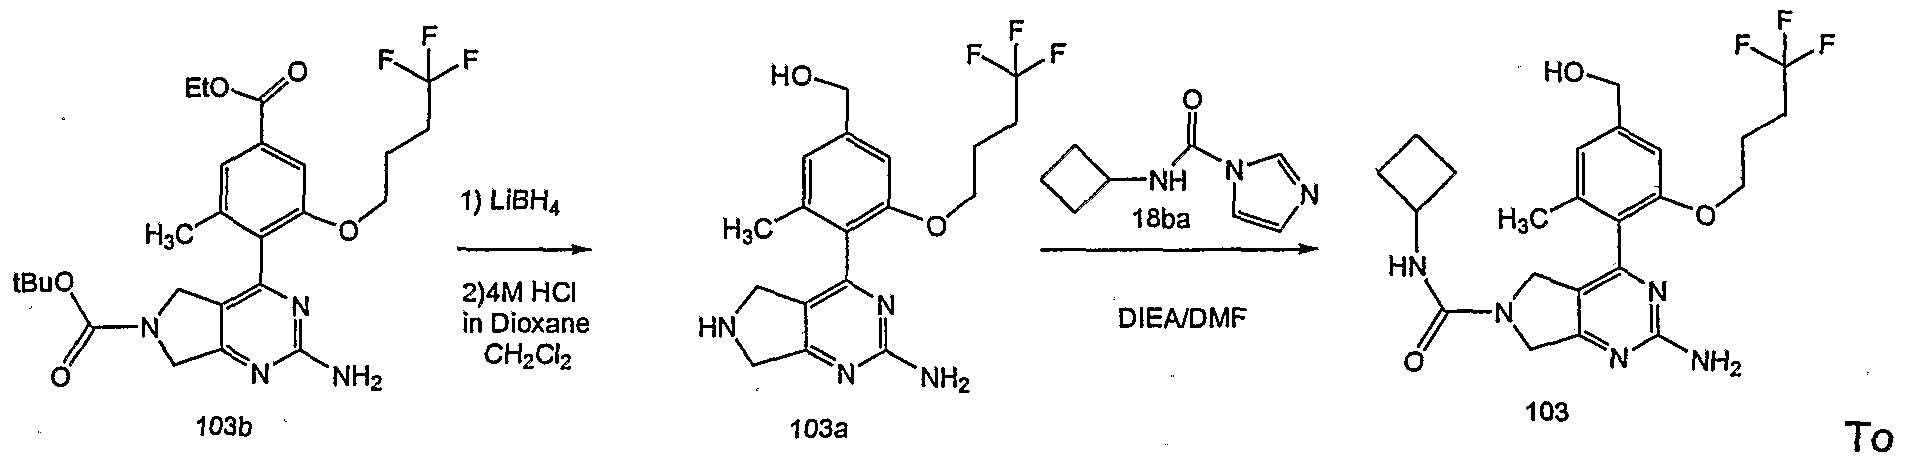 WO2008096218A1 - 2-amin0-5, 7-dihydr0-6h- pyrrolo [3, 4-d